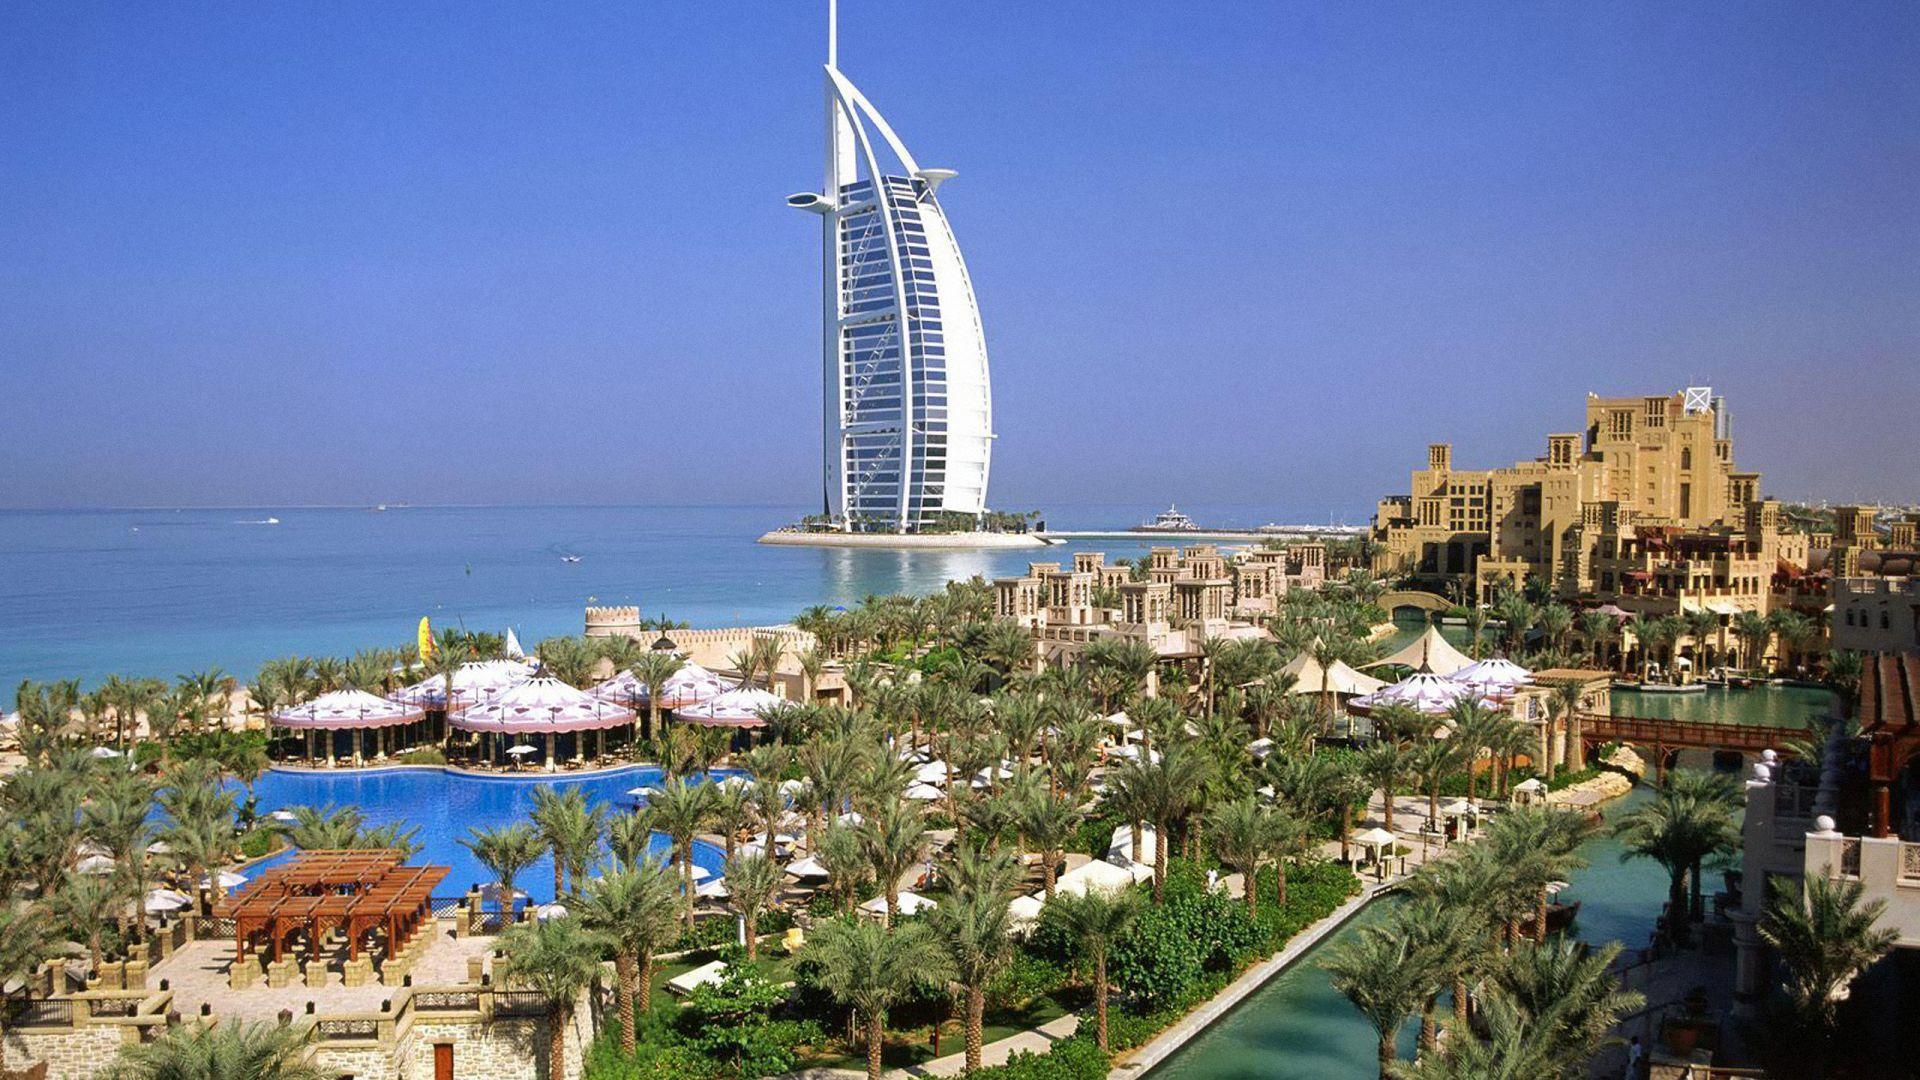 ОАЕ. Час відпочинку на узбережжі Перської затоки настав!